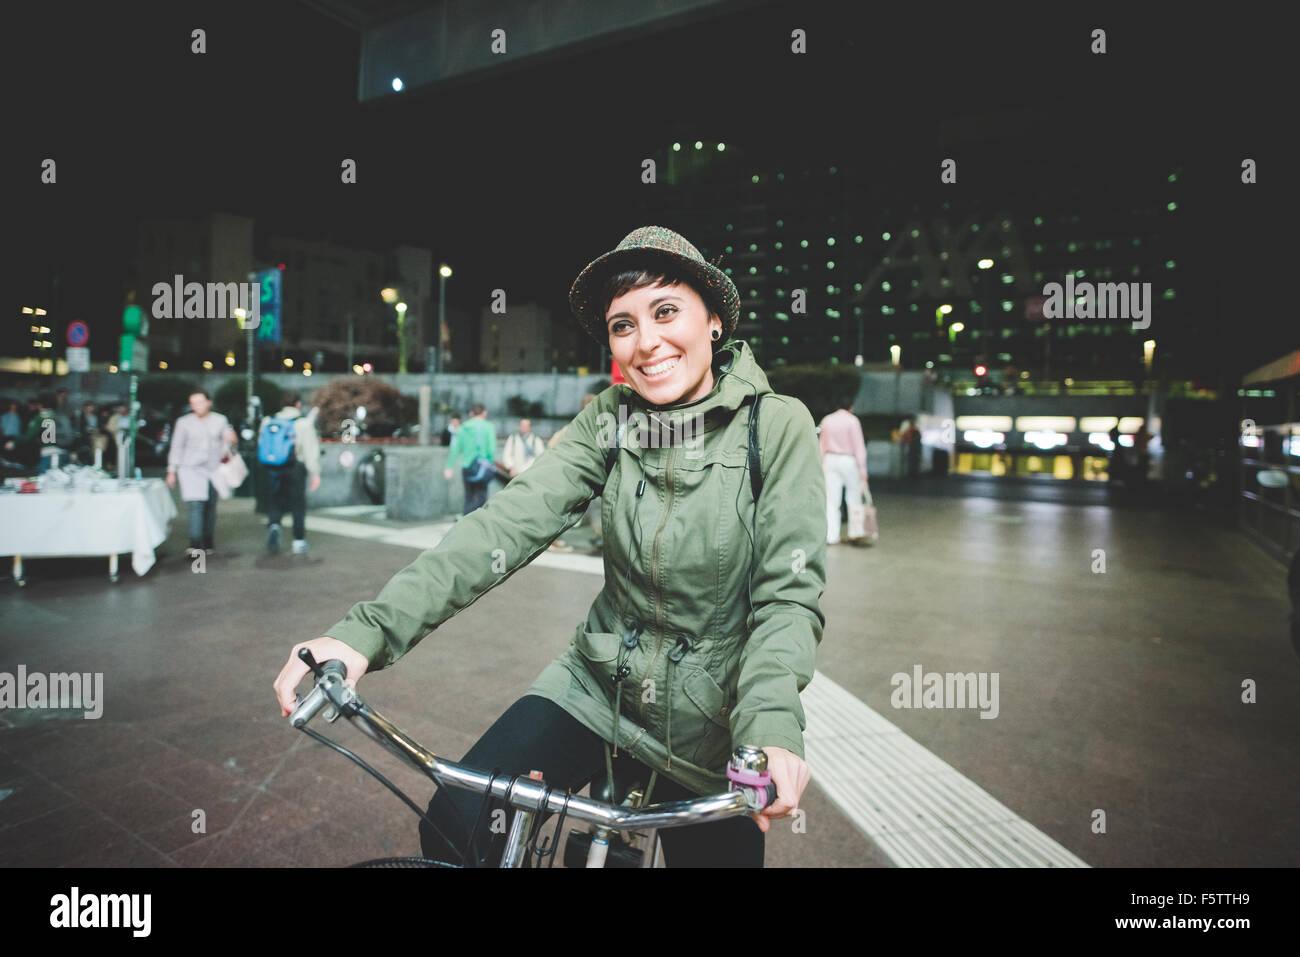 La moitié des jeunes de race blanche longueur beau brun les cheveux droits woman riding a bicycle dans la nuit, Photo Stock